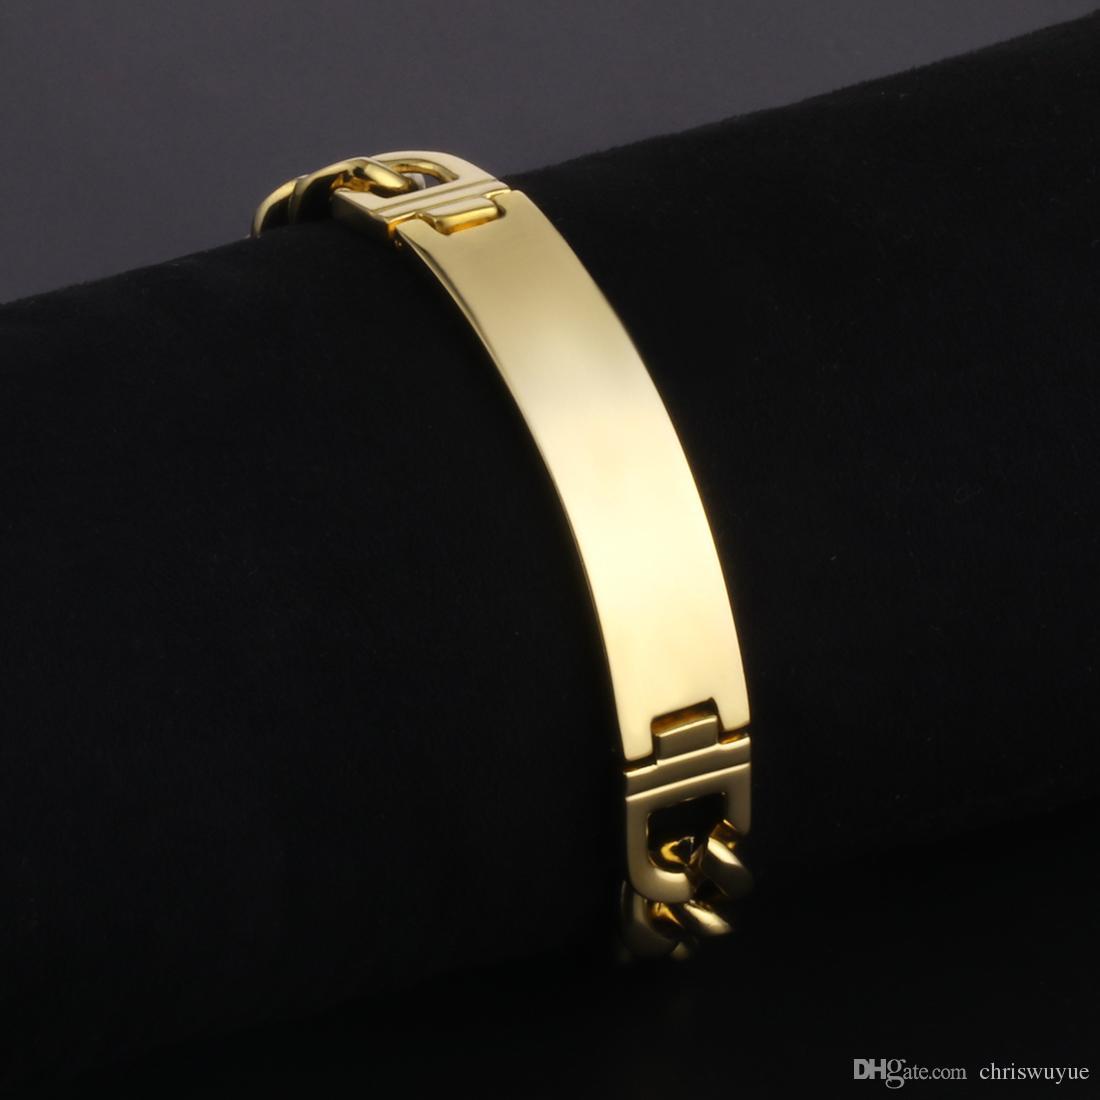 Nouvelle arrivée en acier inoxydable Bracelet pour hommes Design classique couleur or chaîne de Cuba Chaîne Bracelets Simple Bijoux Mens cadeau 225mm 8.9inch